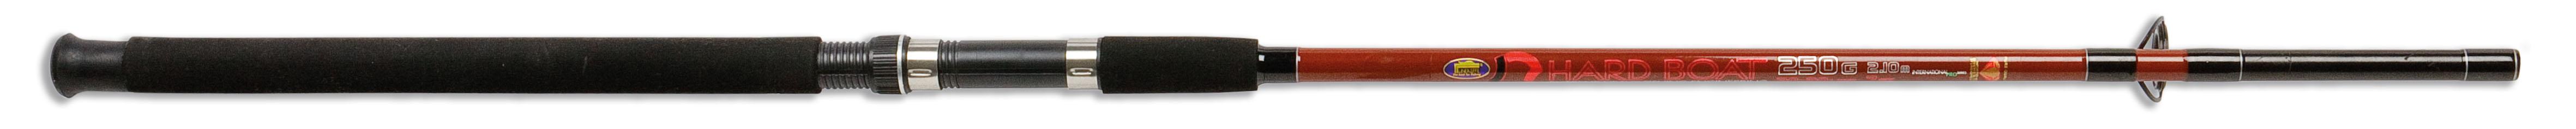 Dvoudílný prut HARD BOAT 250 gr Gramáž: 20-30lbs, Počet dílů: 2, Délka prutu: 210cm, Skladnost prutu: 110cm, Váha prutu: 255g, Počet oček: 5